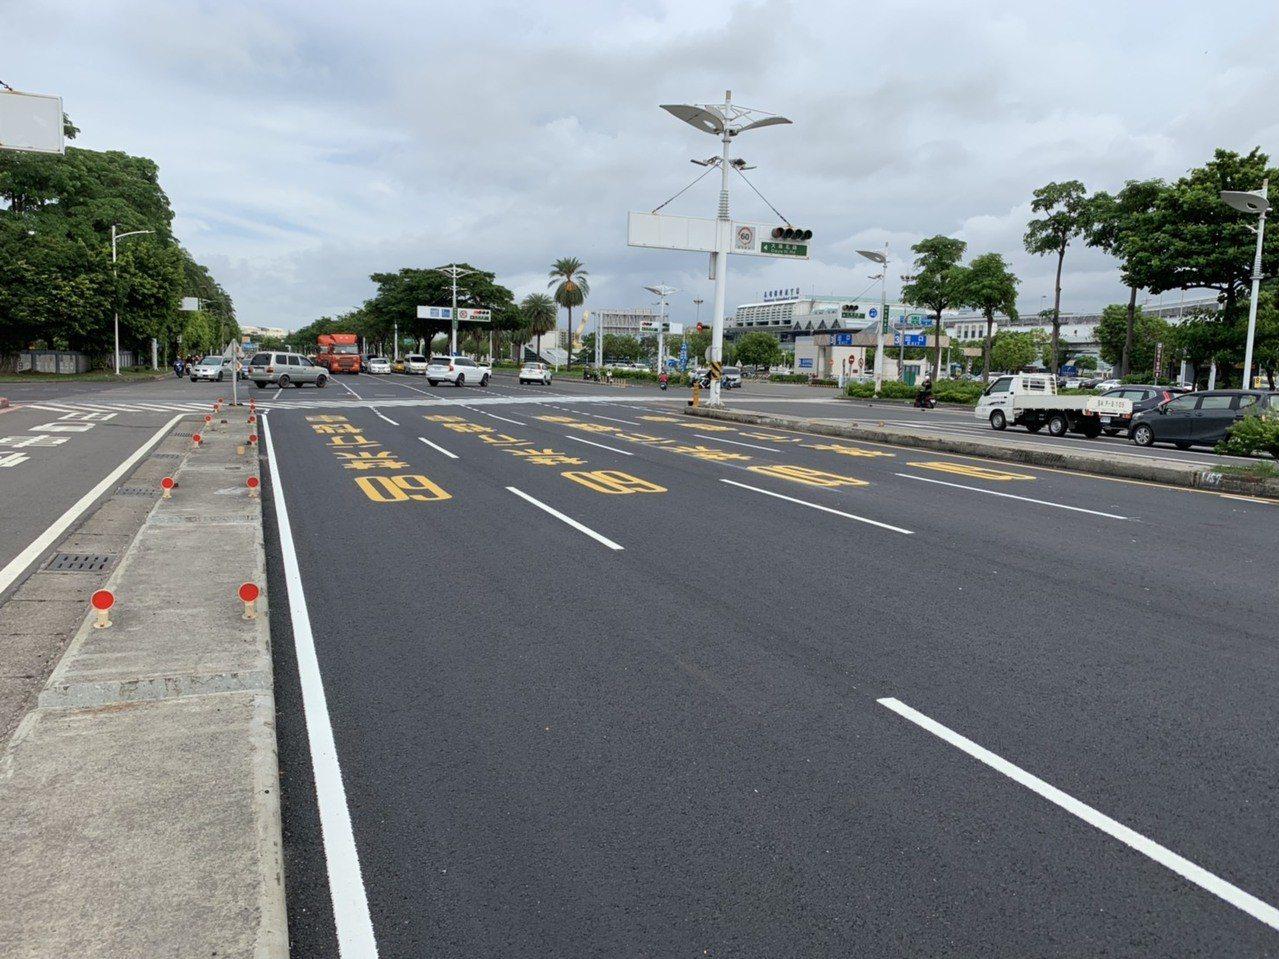 高雄市工務局最近已陸續完成中山四路鋪路工程。圖/高雄市工務局養工處提供